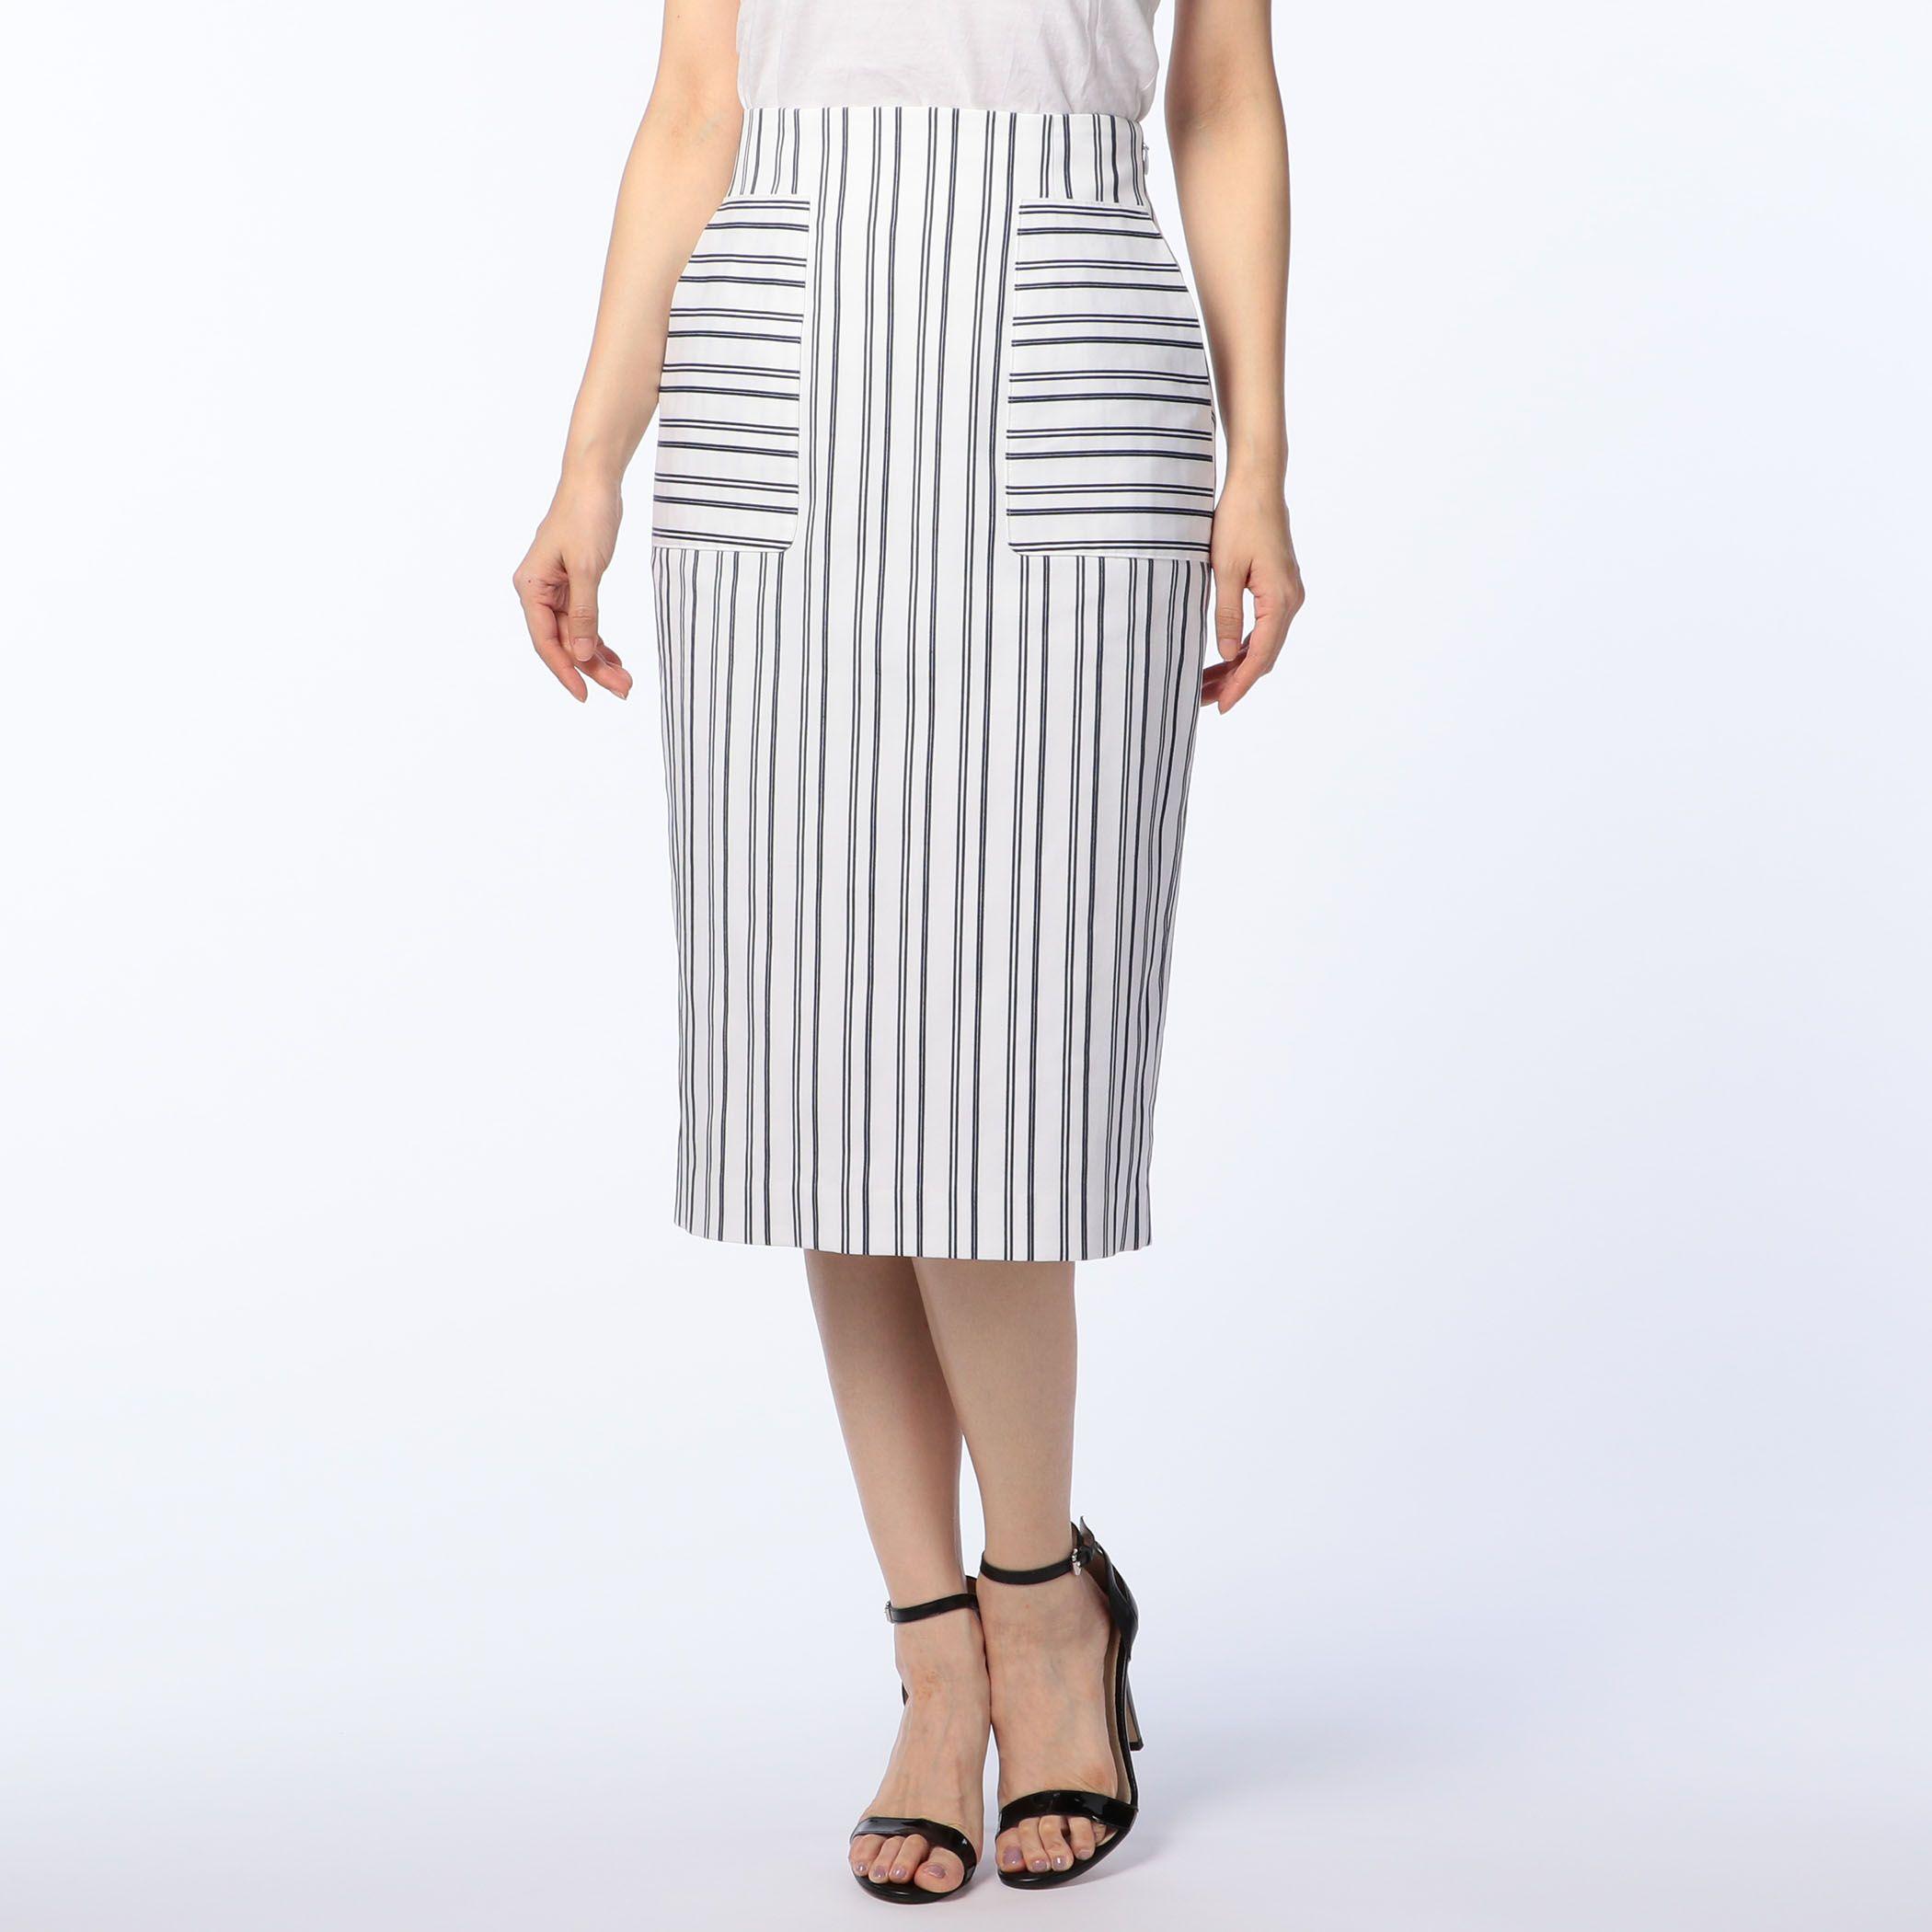 NOLLEY'Sノーリーズ/コードストライプレースアップスカート